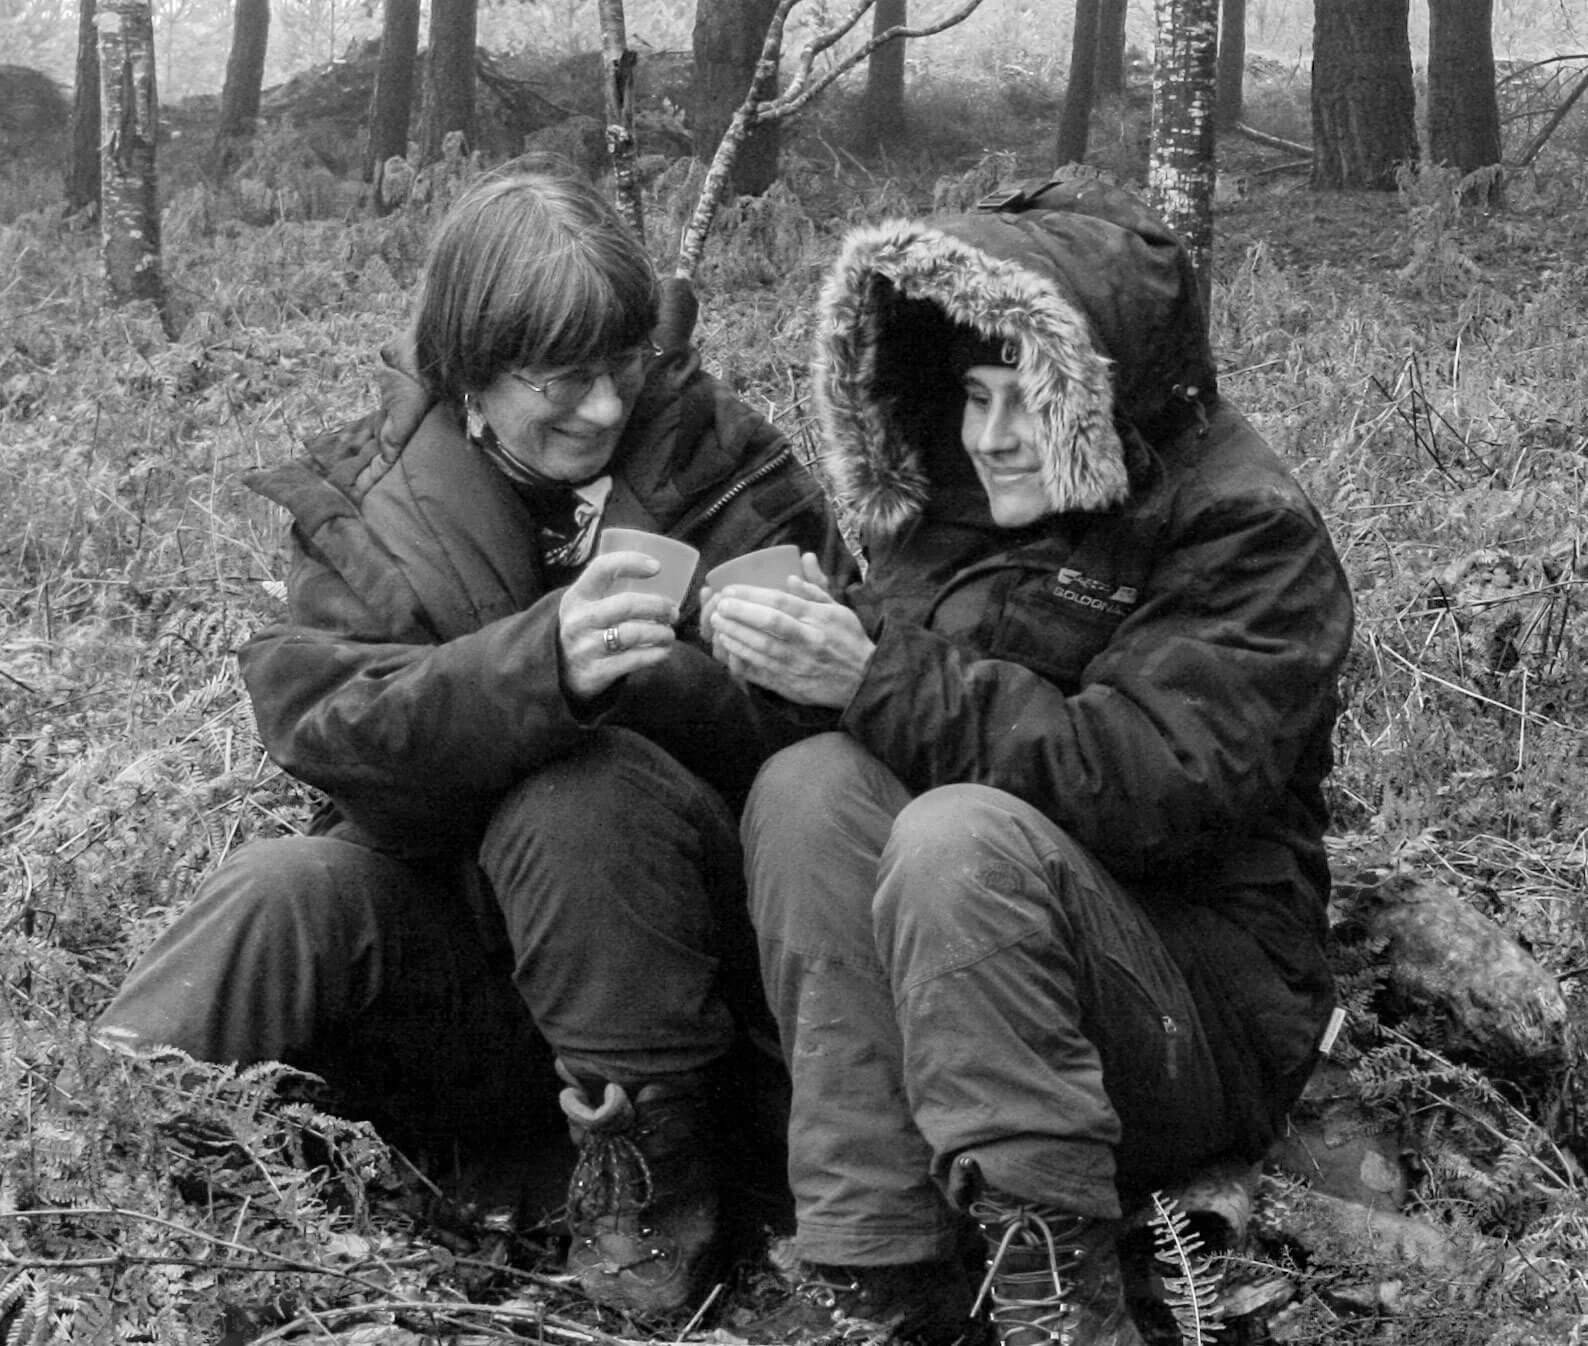 Nuit blanche à l'affût des castors - La Salamandre Patricia Huguenin Audrey Margand